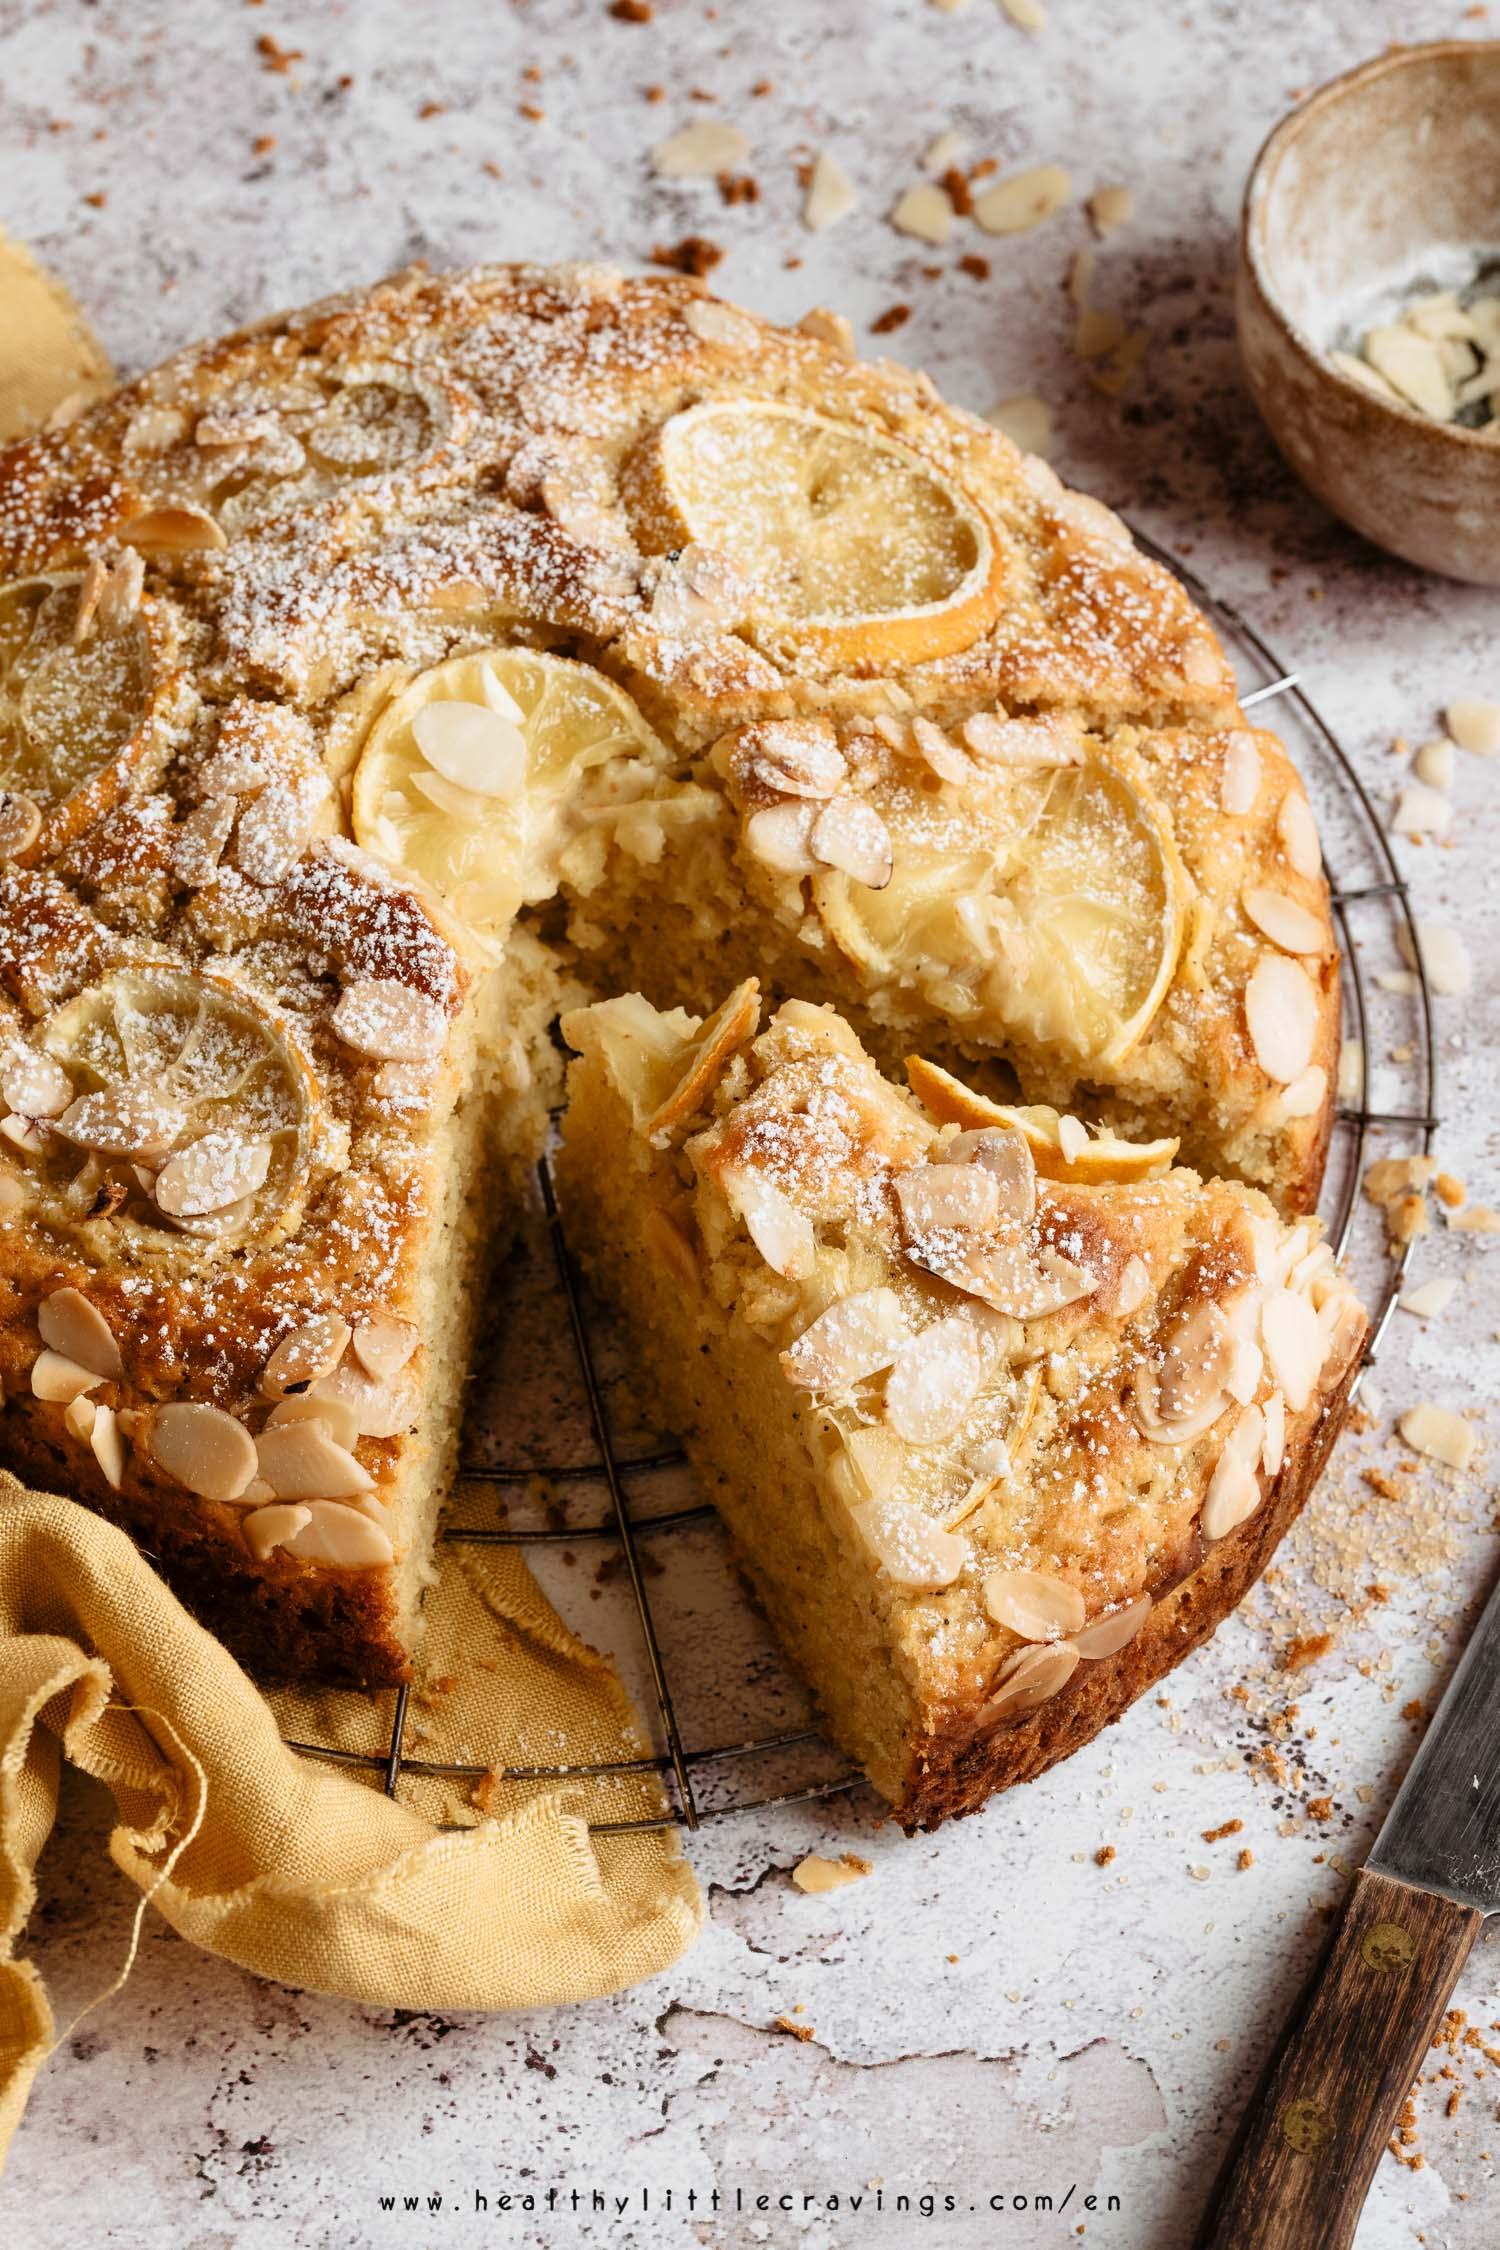 A slice of lemon ricotta cake